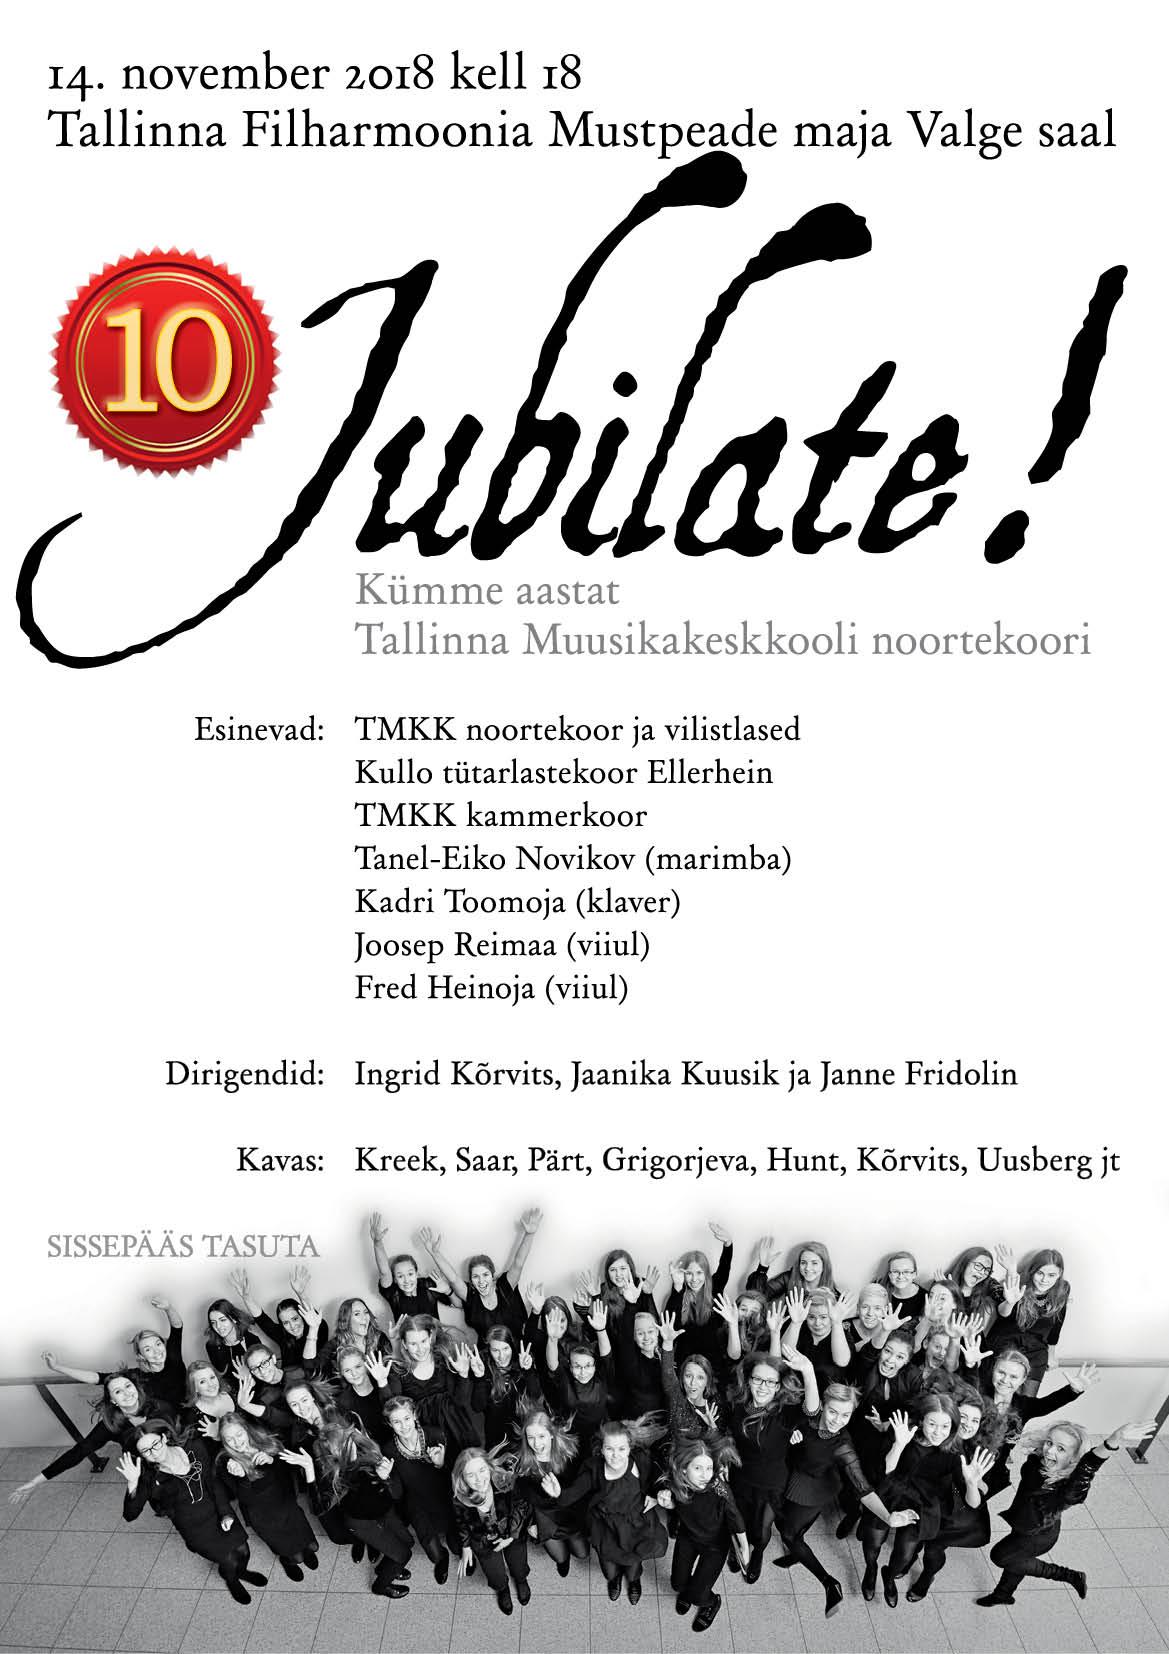 Jubilate! 10 aastat Tallinna Muusikakekskooli noortekoori